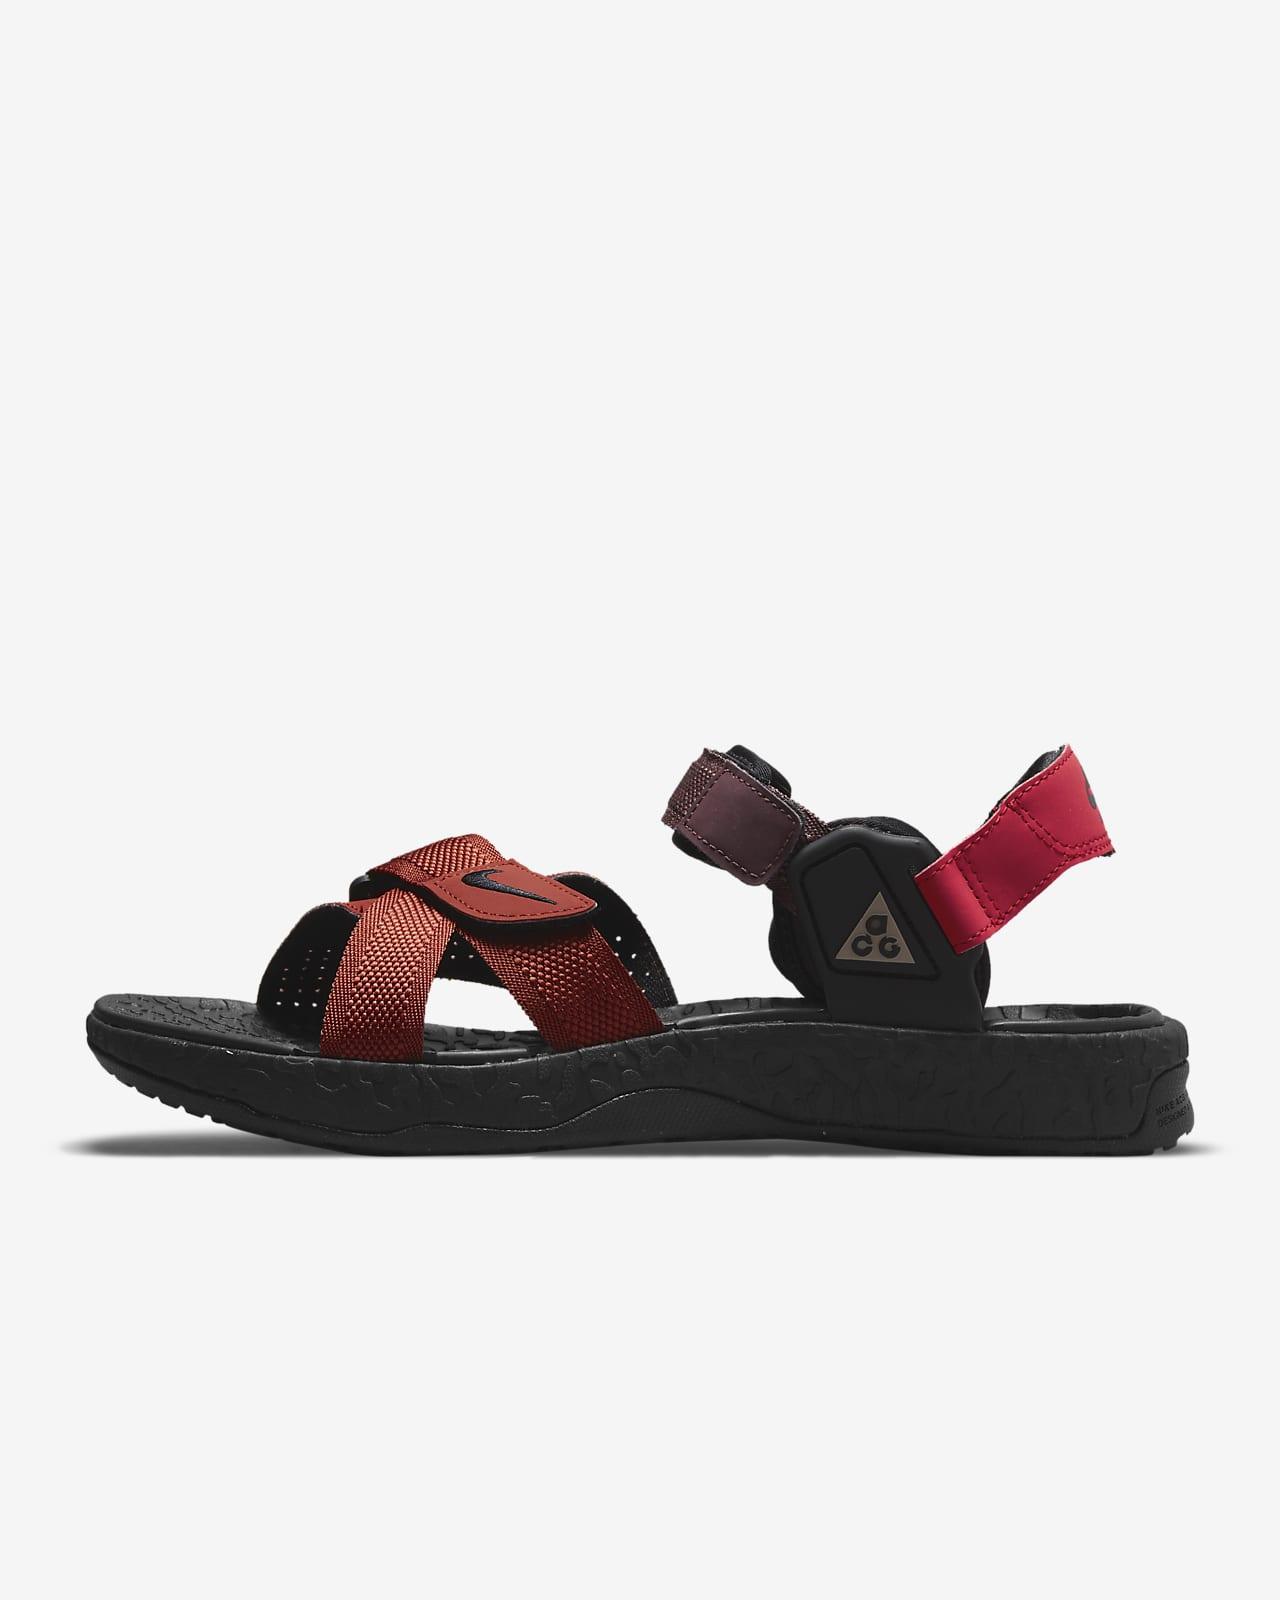 Sandalo Nike ACG Air Deschutz +